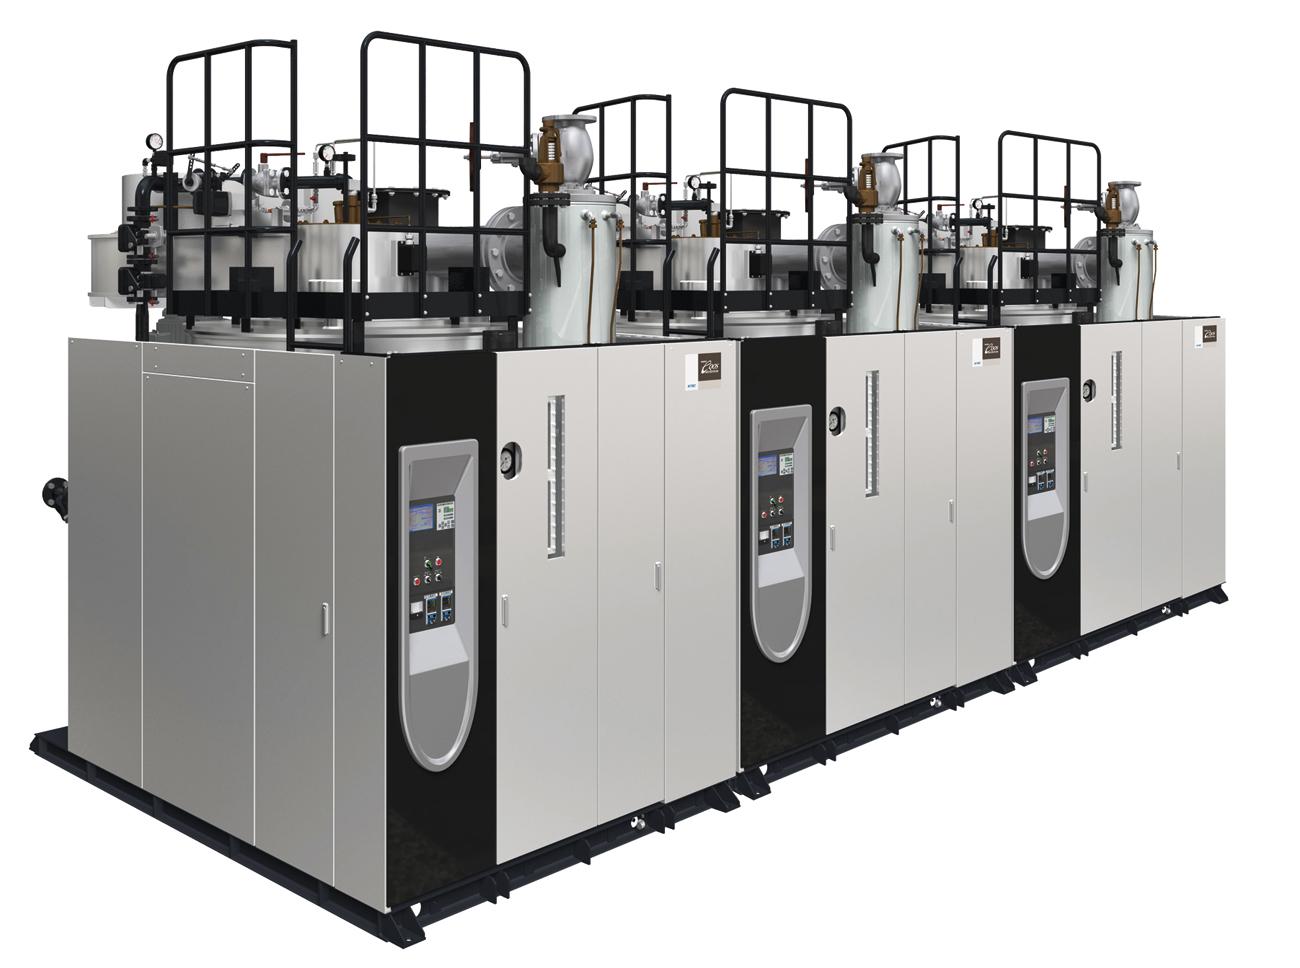 同社が誇る超高効率貫流ボイラ「EQiシリーズ」。「スーパーエクオスEQi-6001(6t/h)」は低負荷でも超高効率を維持し、省エネ・省コストに貢献する